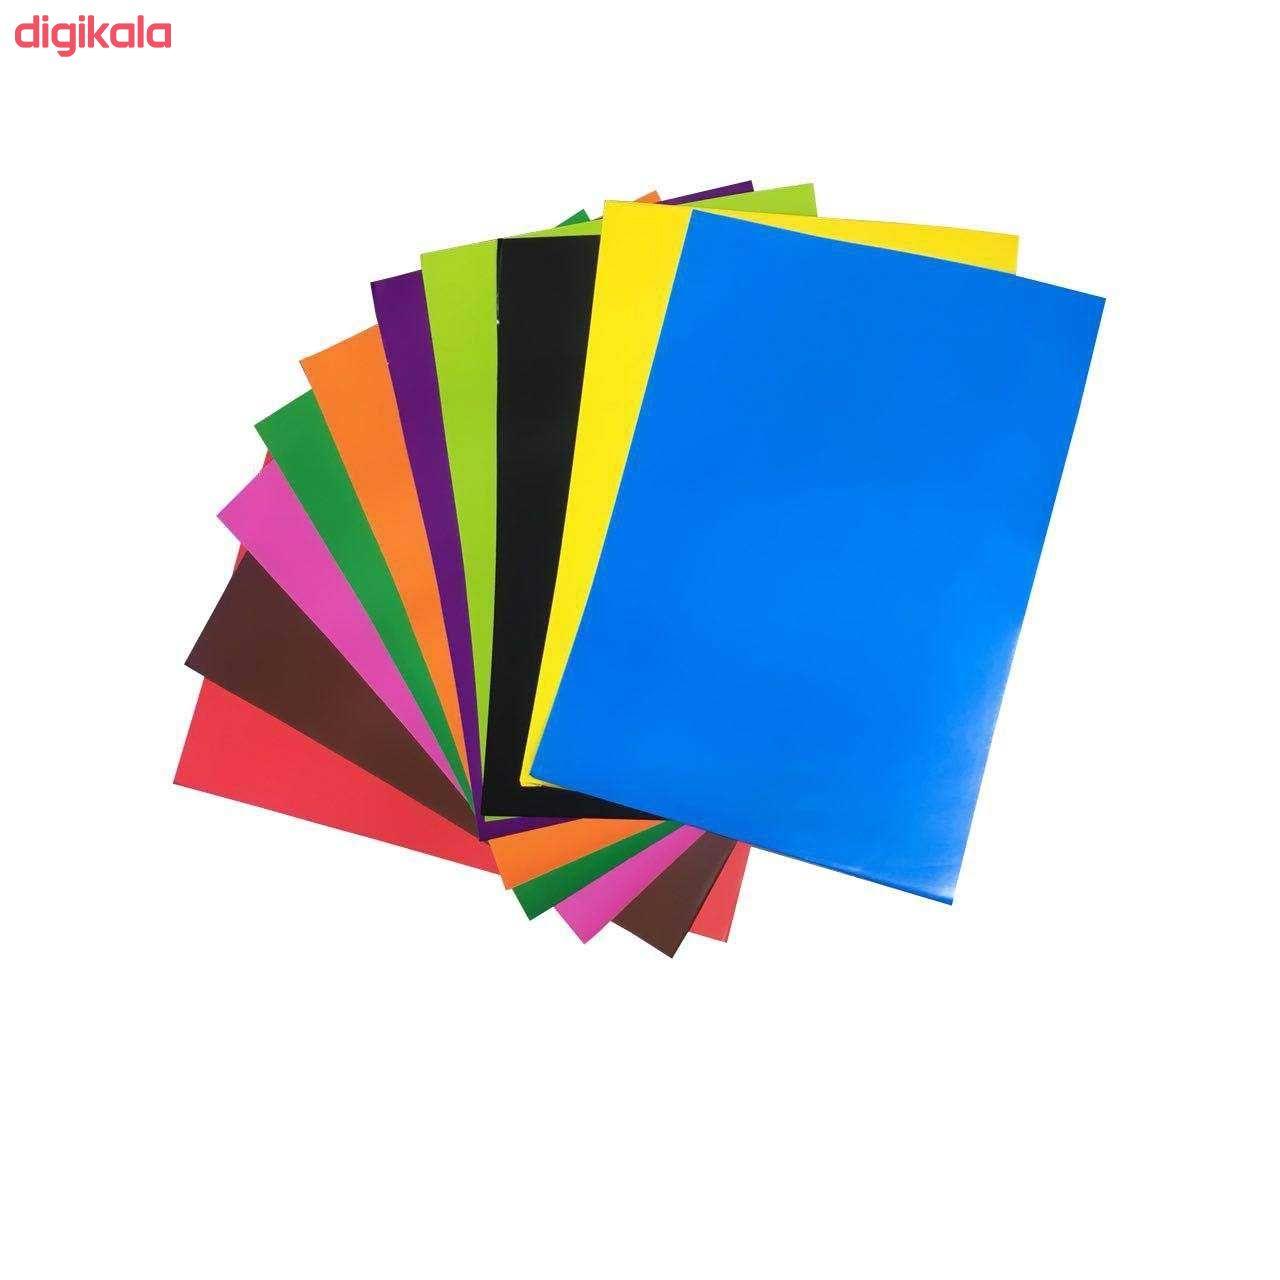 کاغذ رنگی A4 کد Pa 40 بسته 40 عددی main 1 3